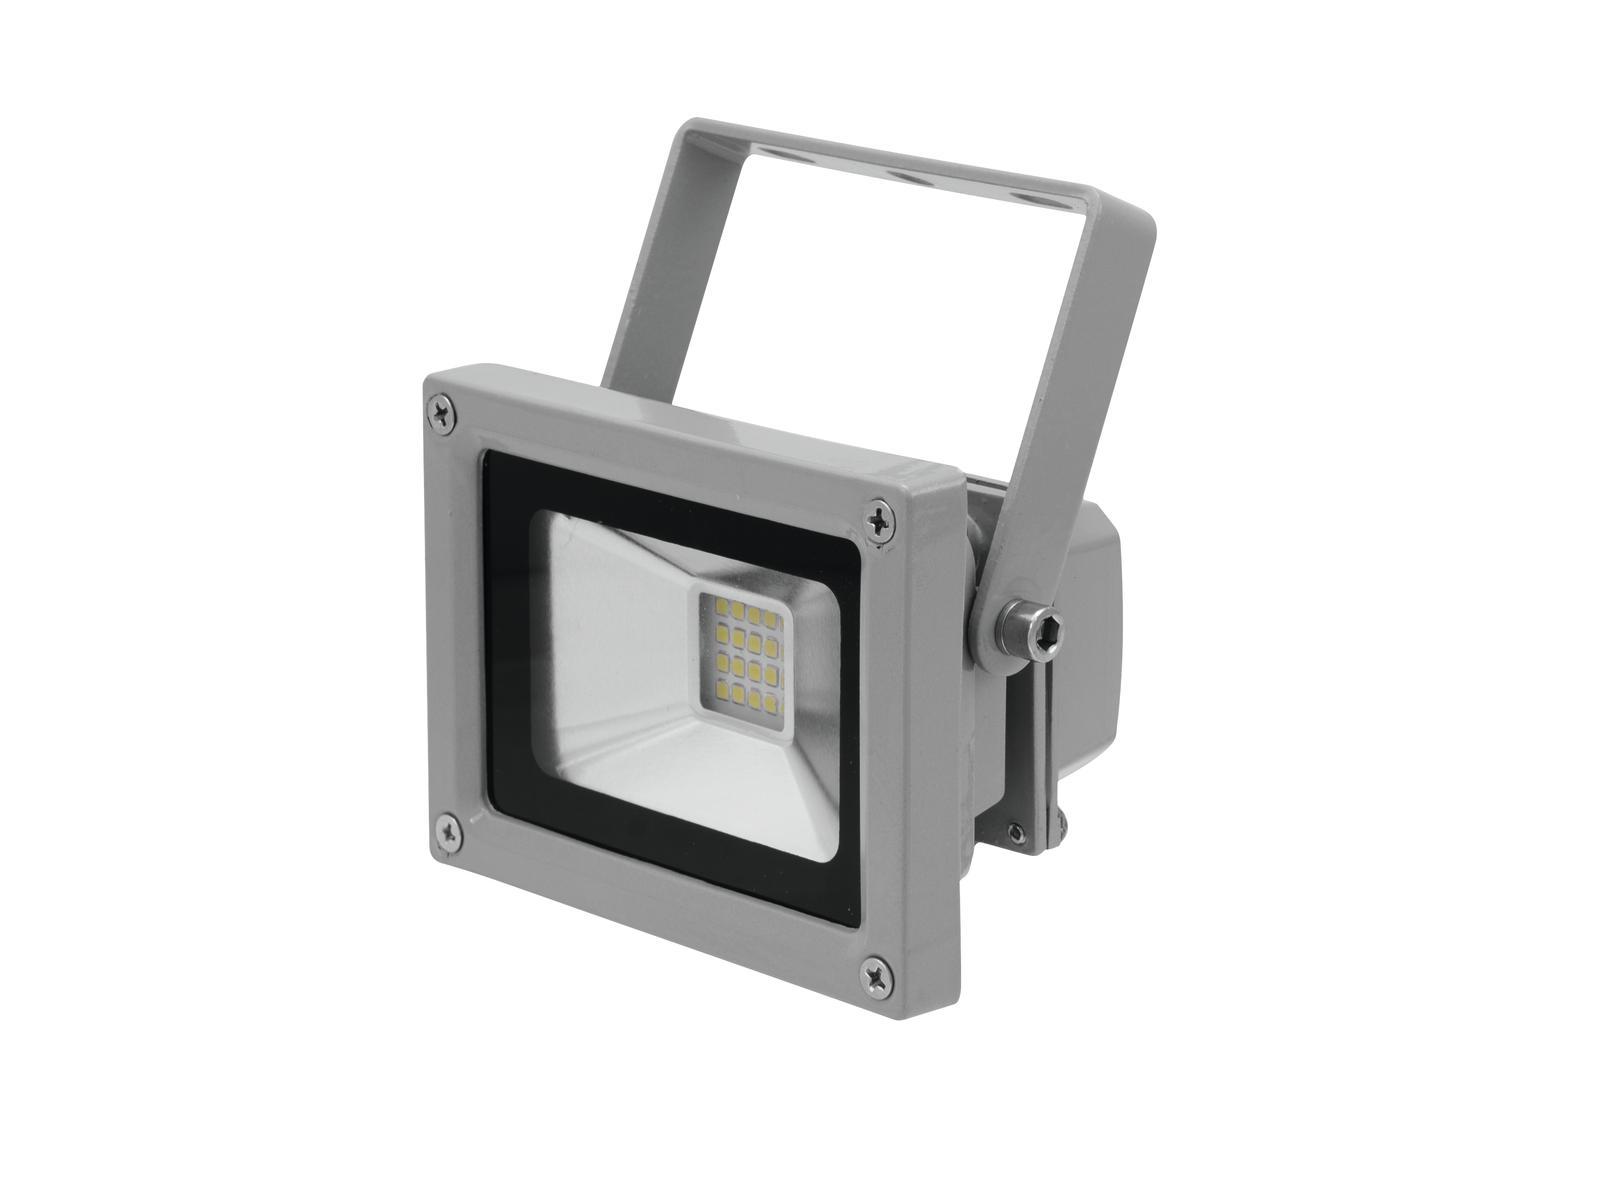 eurolite-led-ip-fl-10-cob-3000k-120a-classic